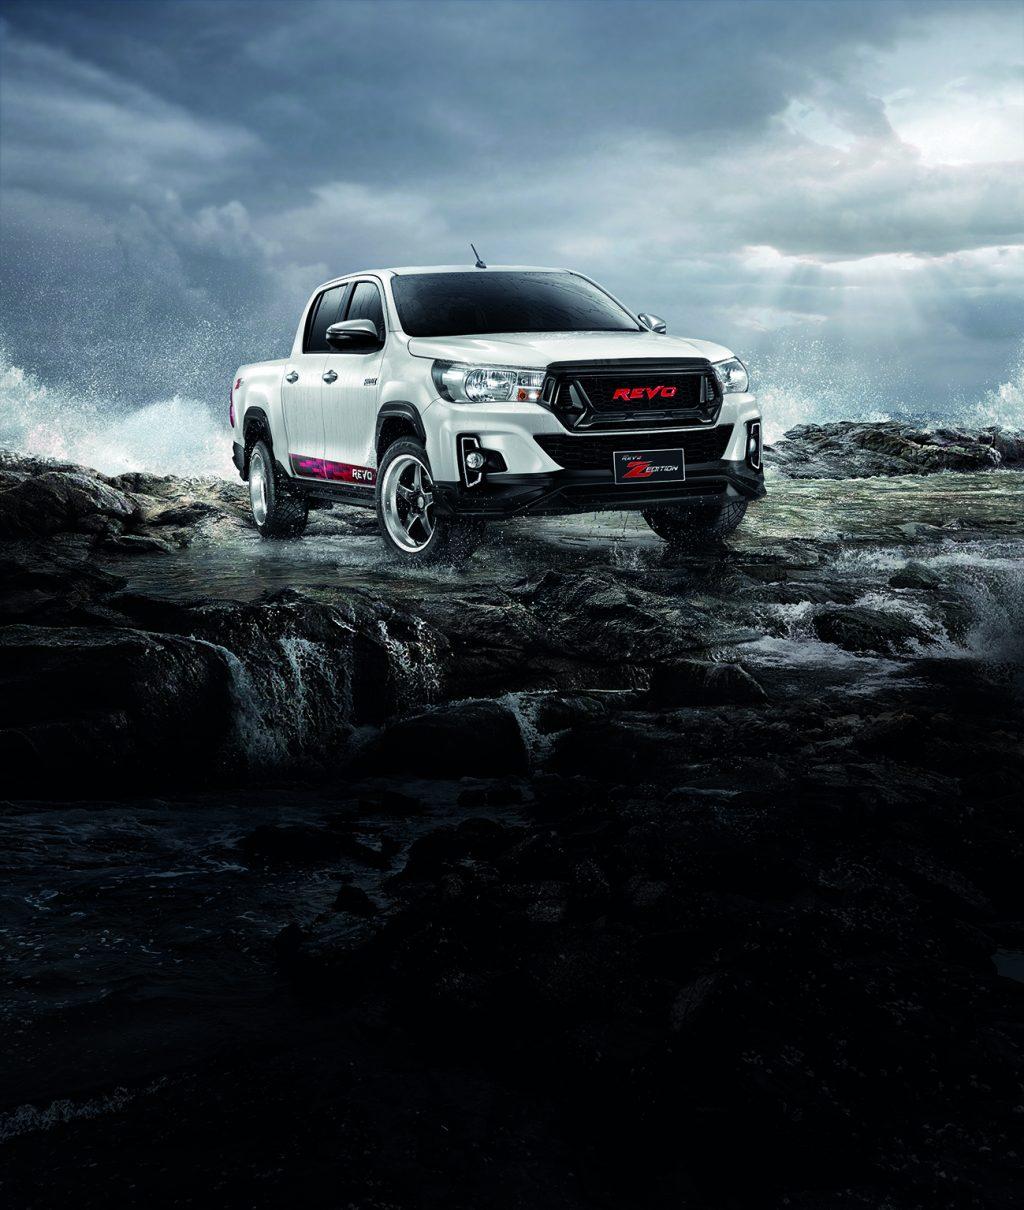 รีวิวรถใหม่ 2019 : โตโยต้า ไฮลักซ์ รีโว่ พันธุ์แรง 204 แรงม้า 518 นิวตัน-เมตร